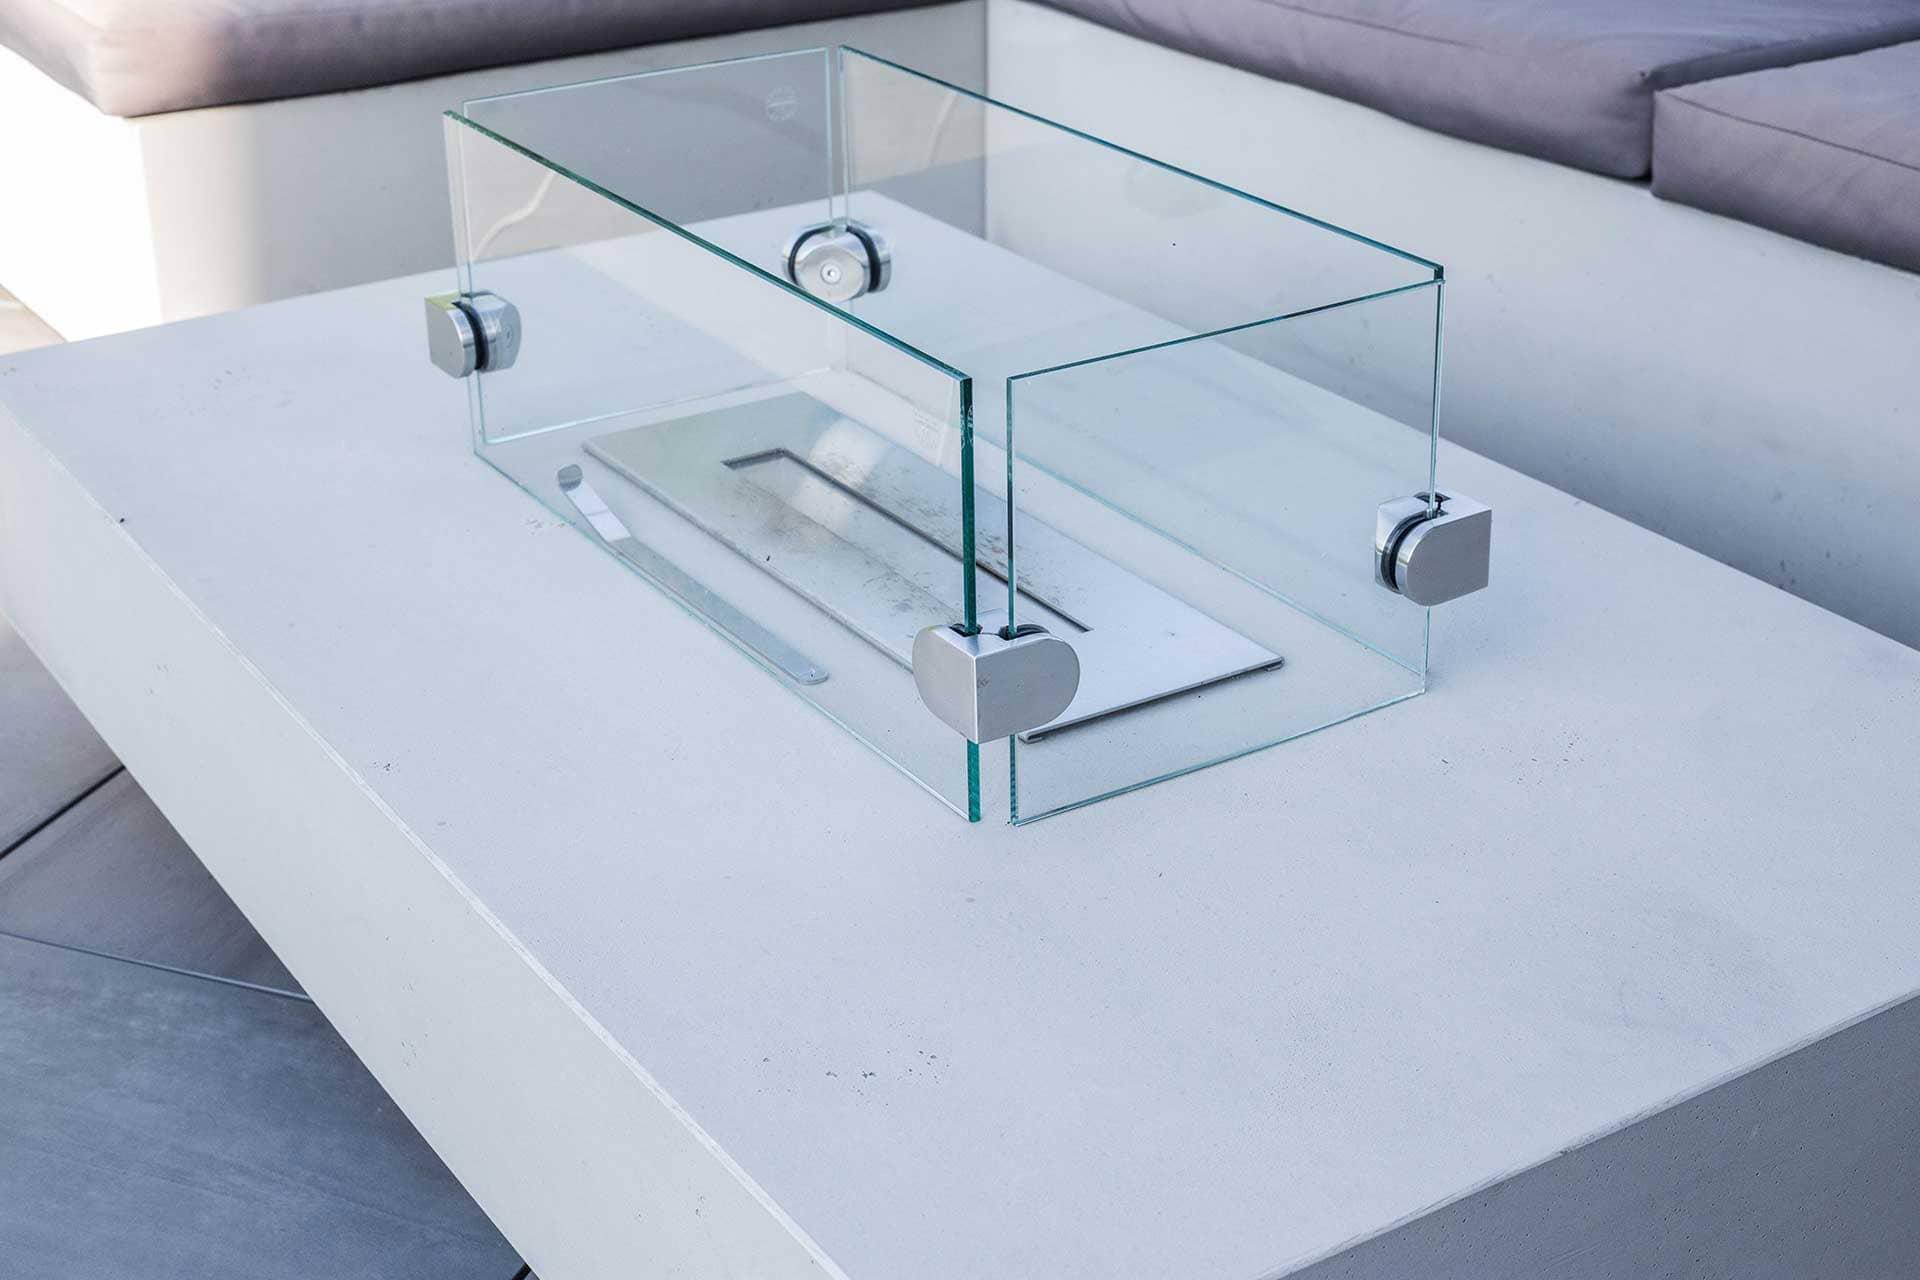 Raumgestaltung (Boden, Türen, Wand) - Ambiente Cucine